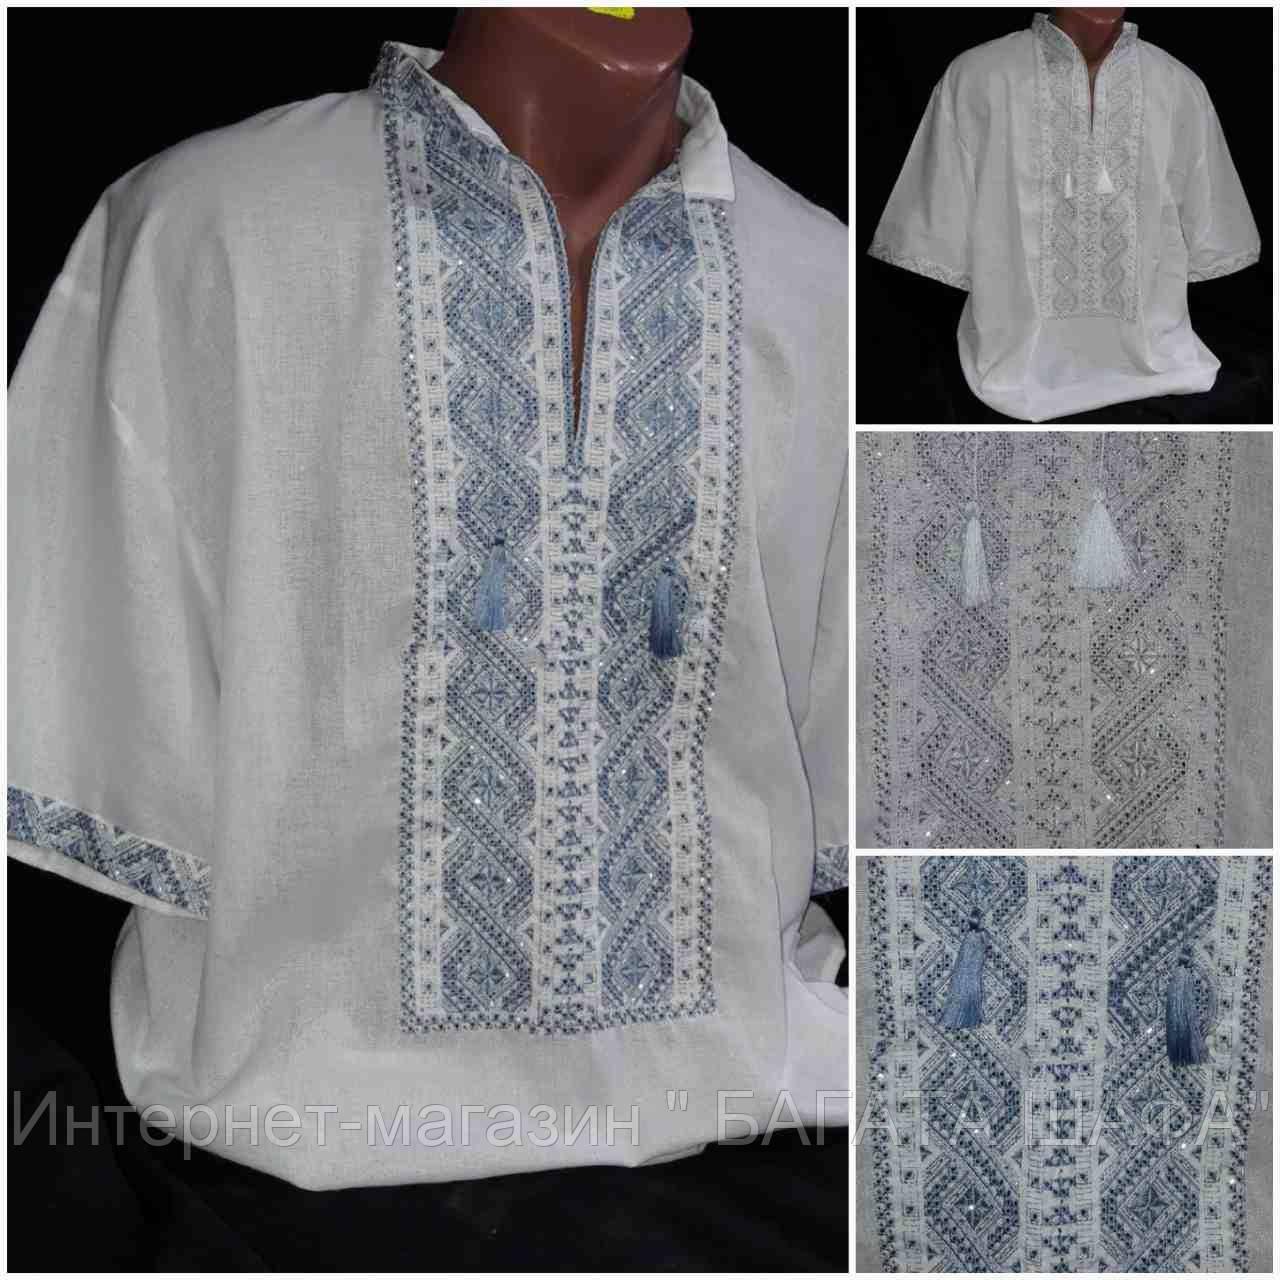 90cf63851e1 Вышитая мужская рубашка